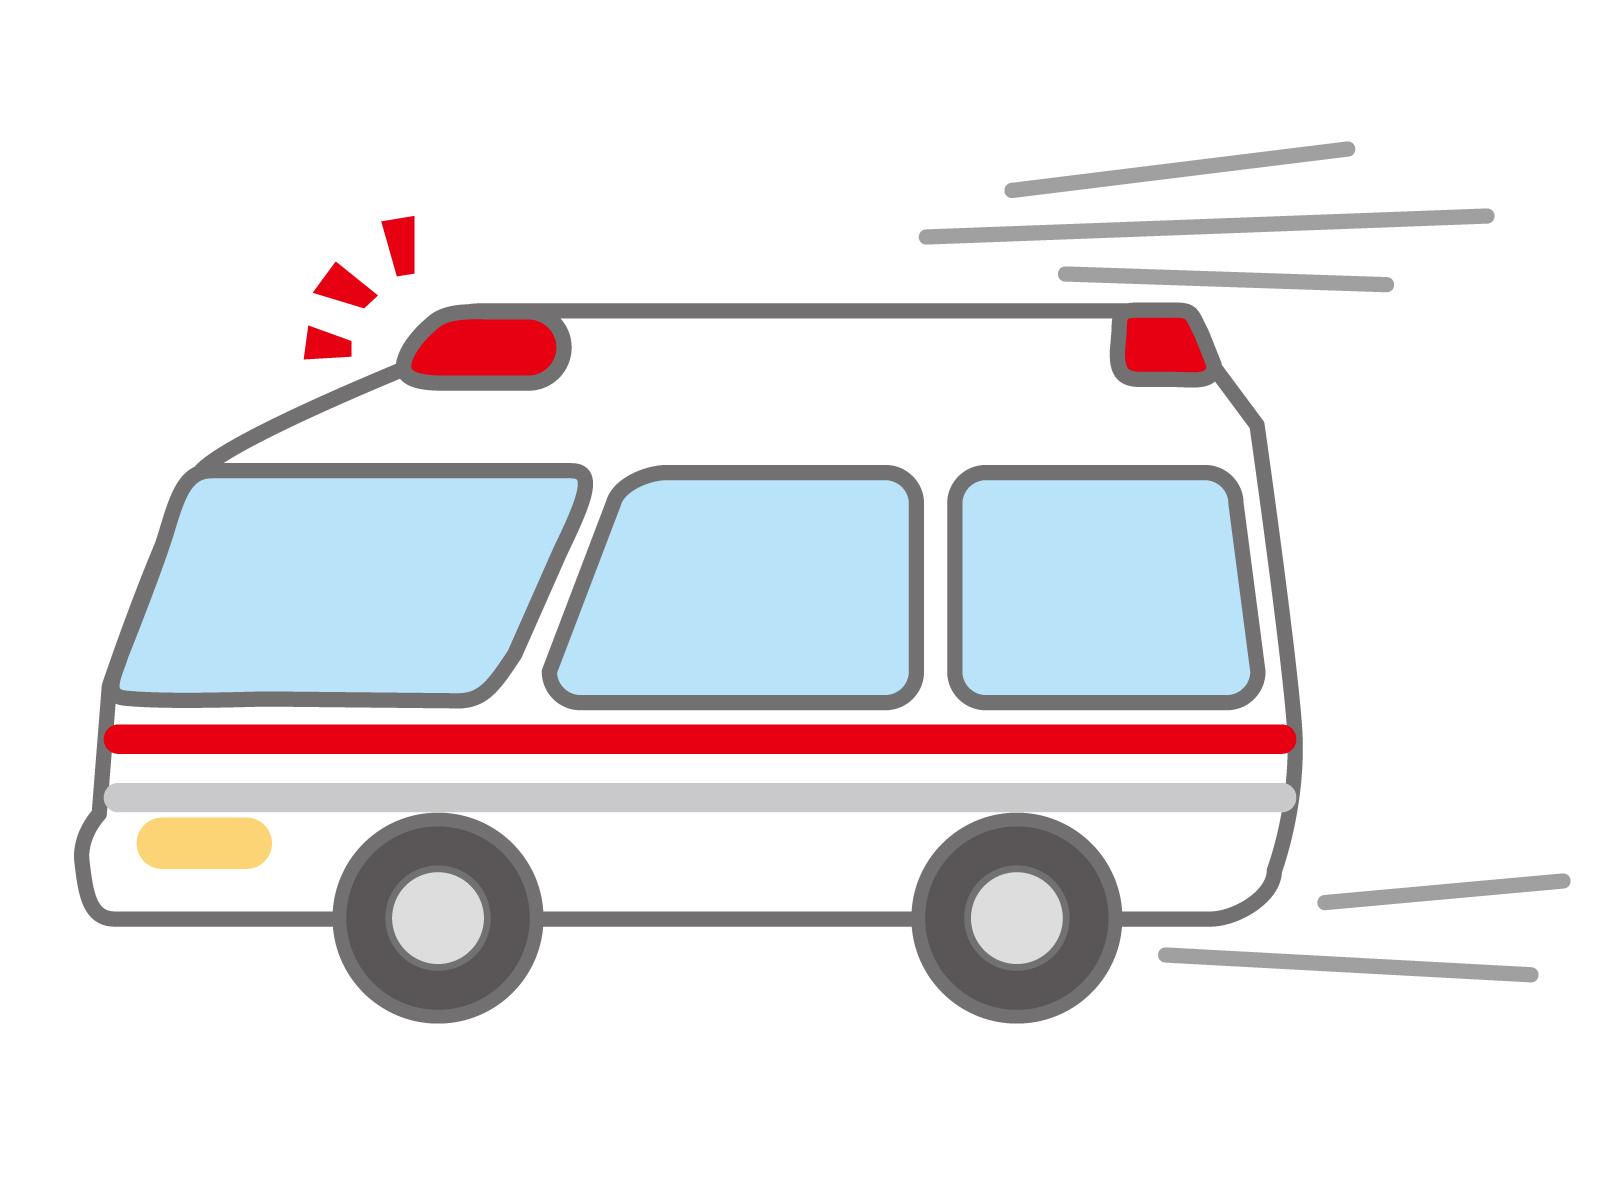 熱せんもう 救急車